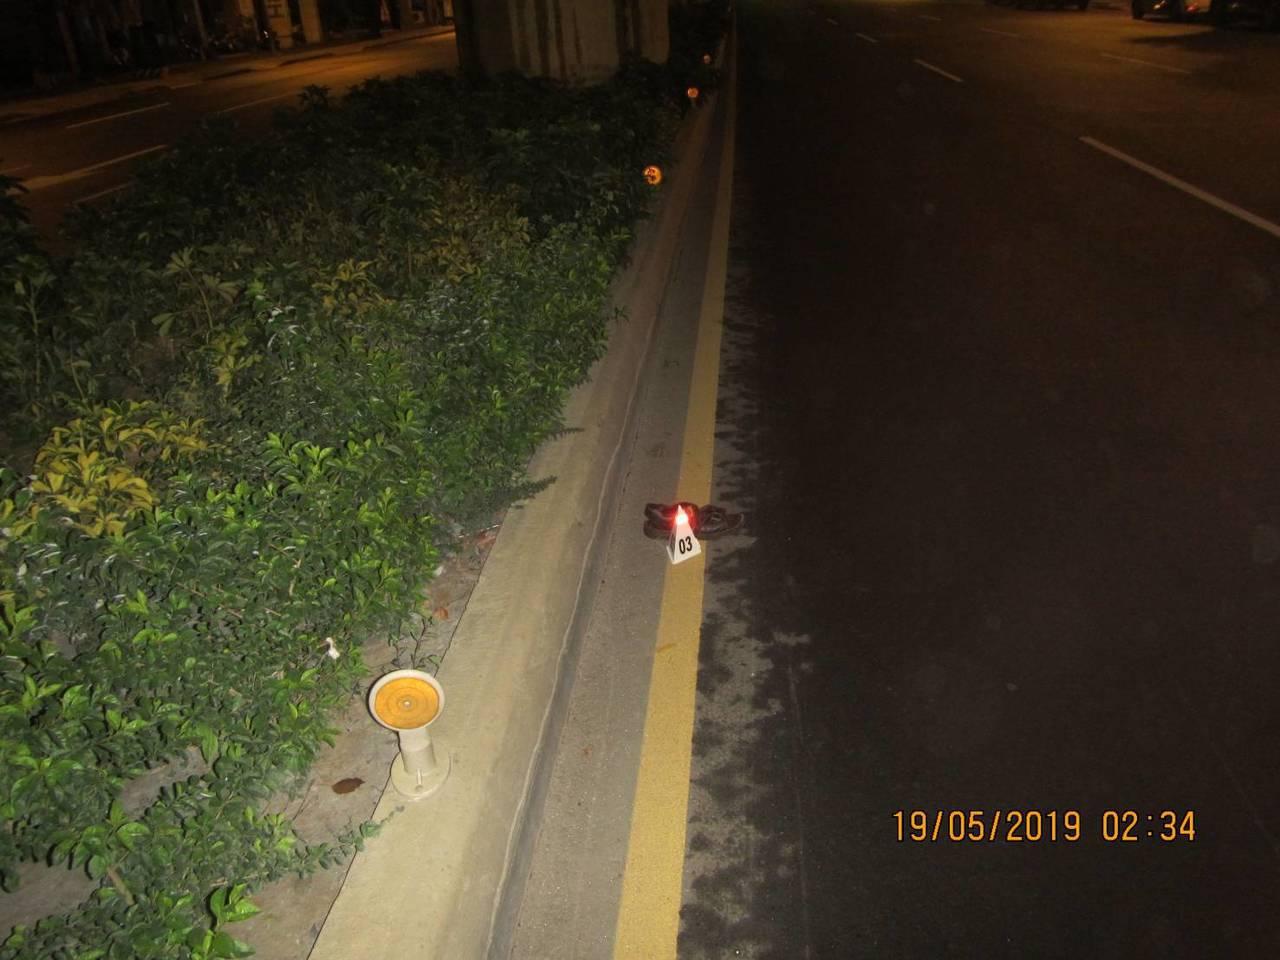 台中市張姓男子昨天走行人穿越道闖紅燈,直接被計程車撞上,送醫不治,張被撞飛10多...